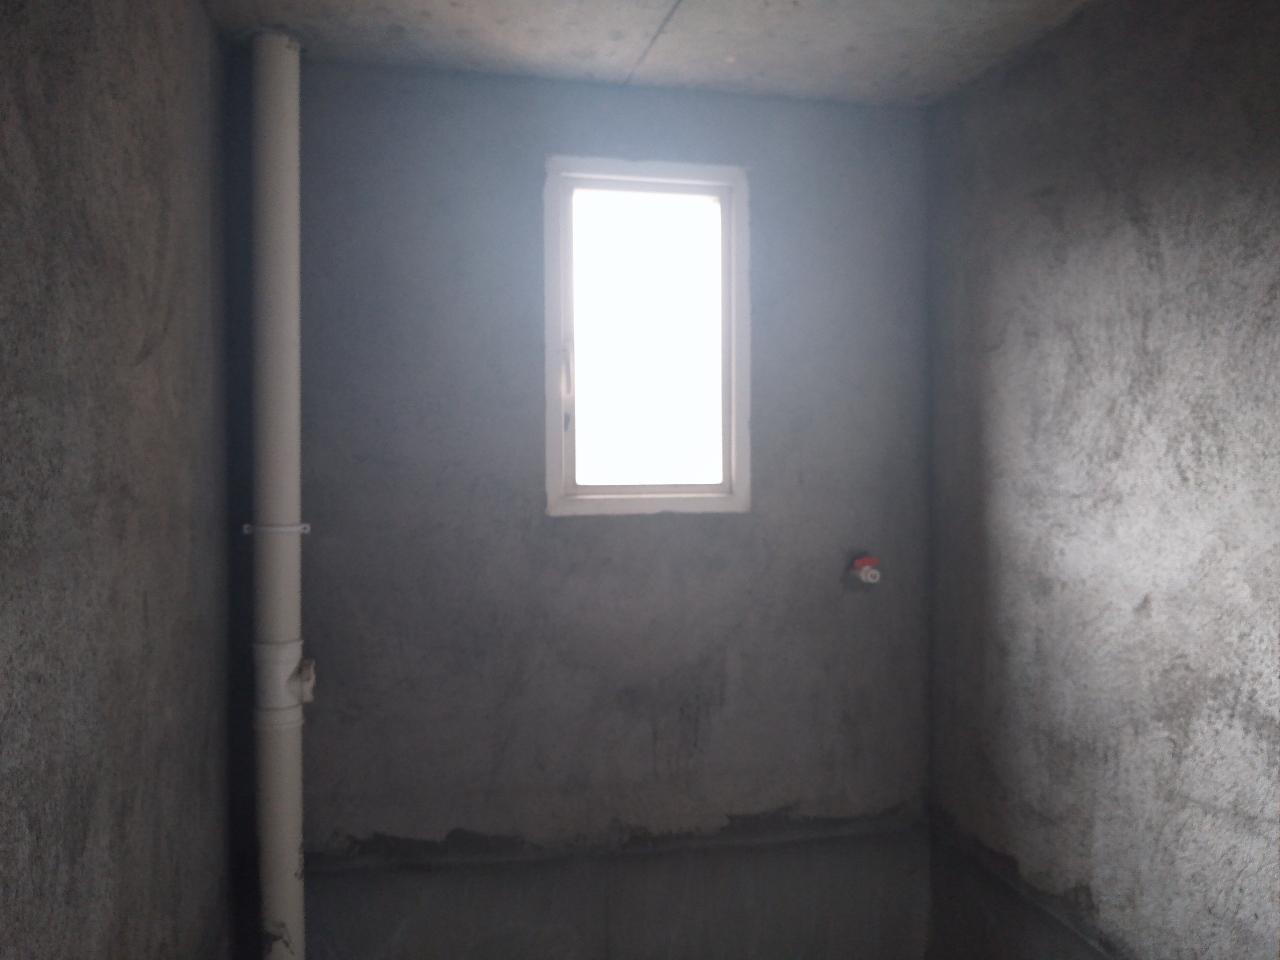 龙腾锦城3室 2厅 2卫62.81万元